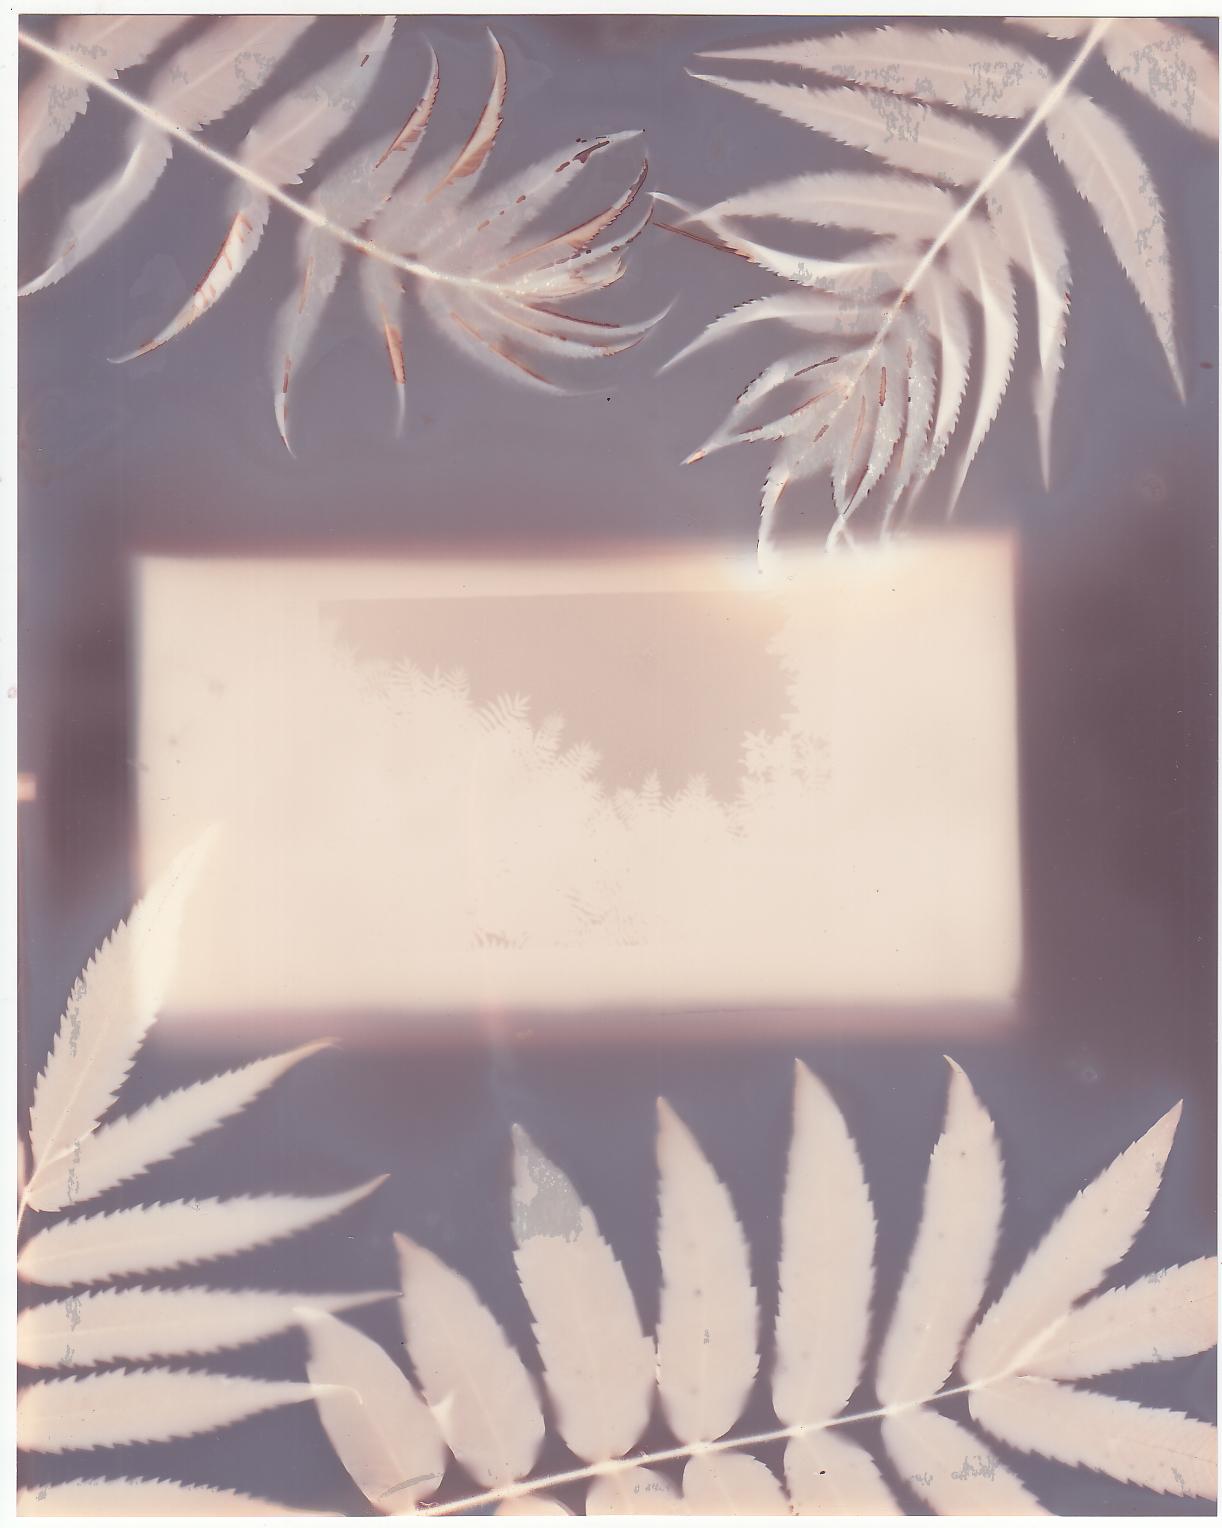 Bellows photogram